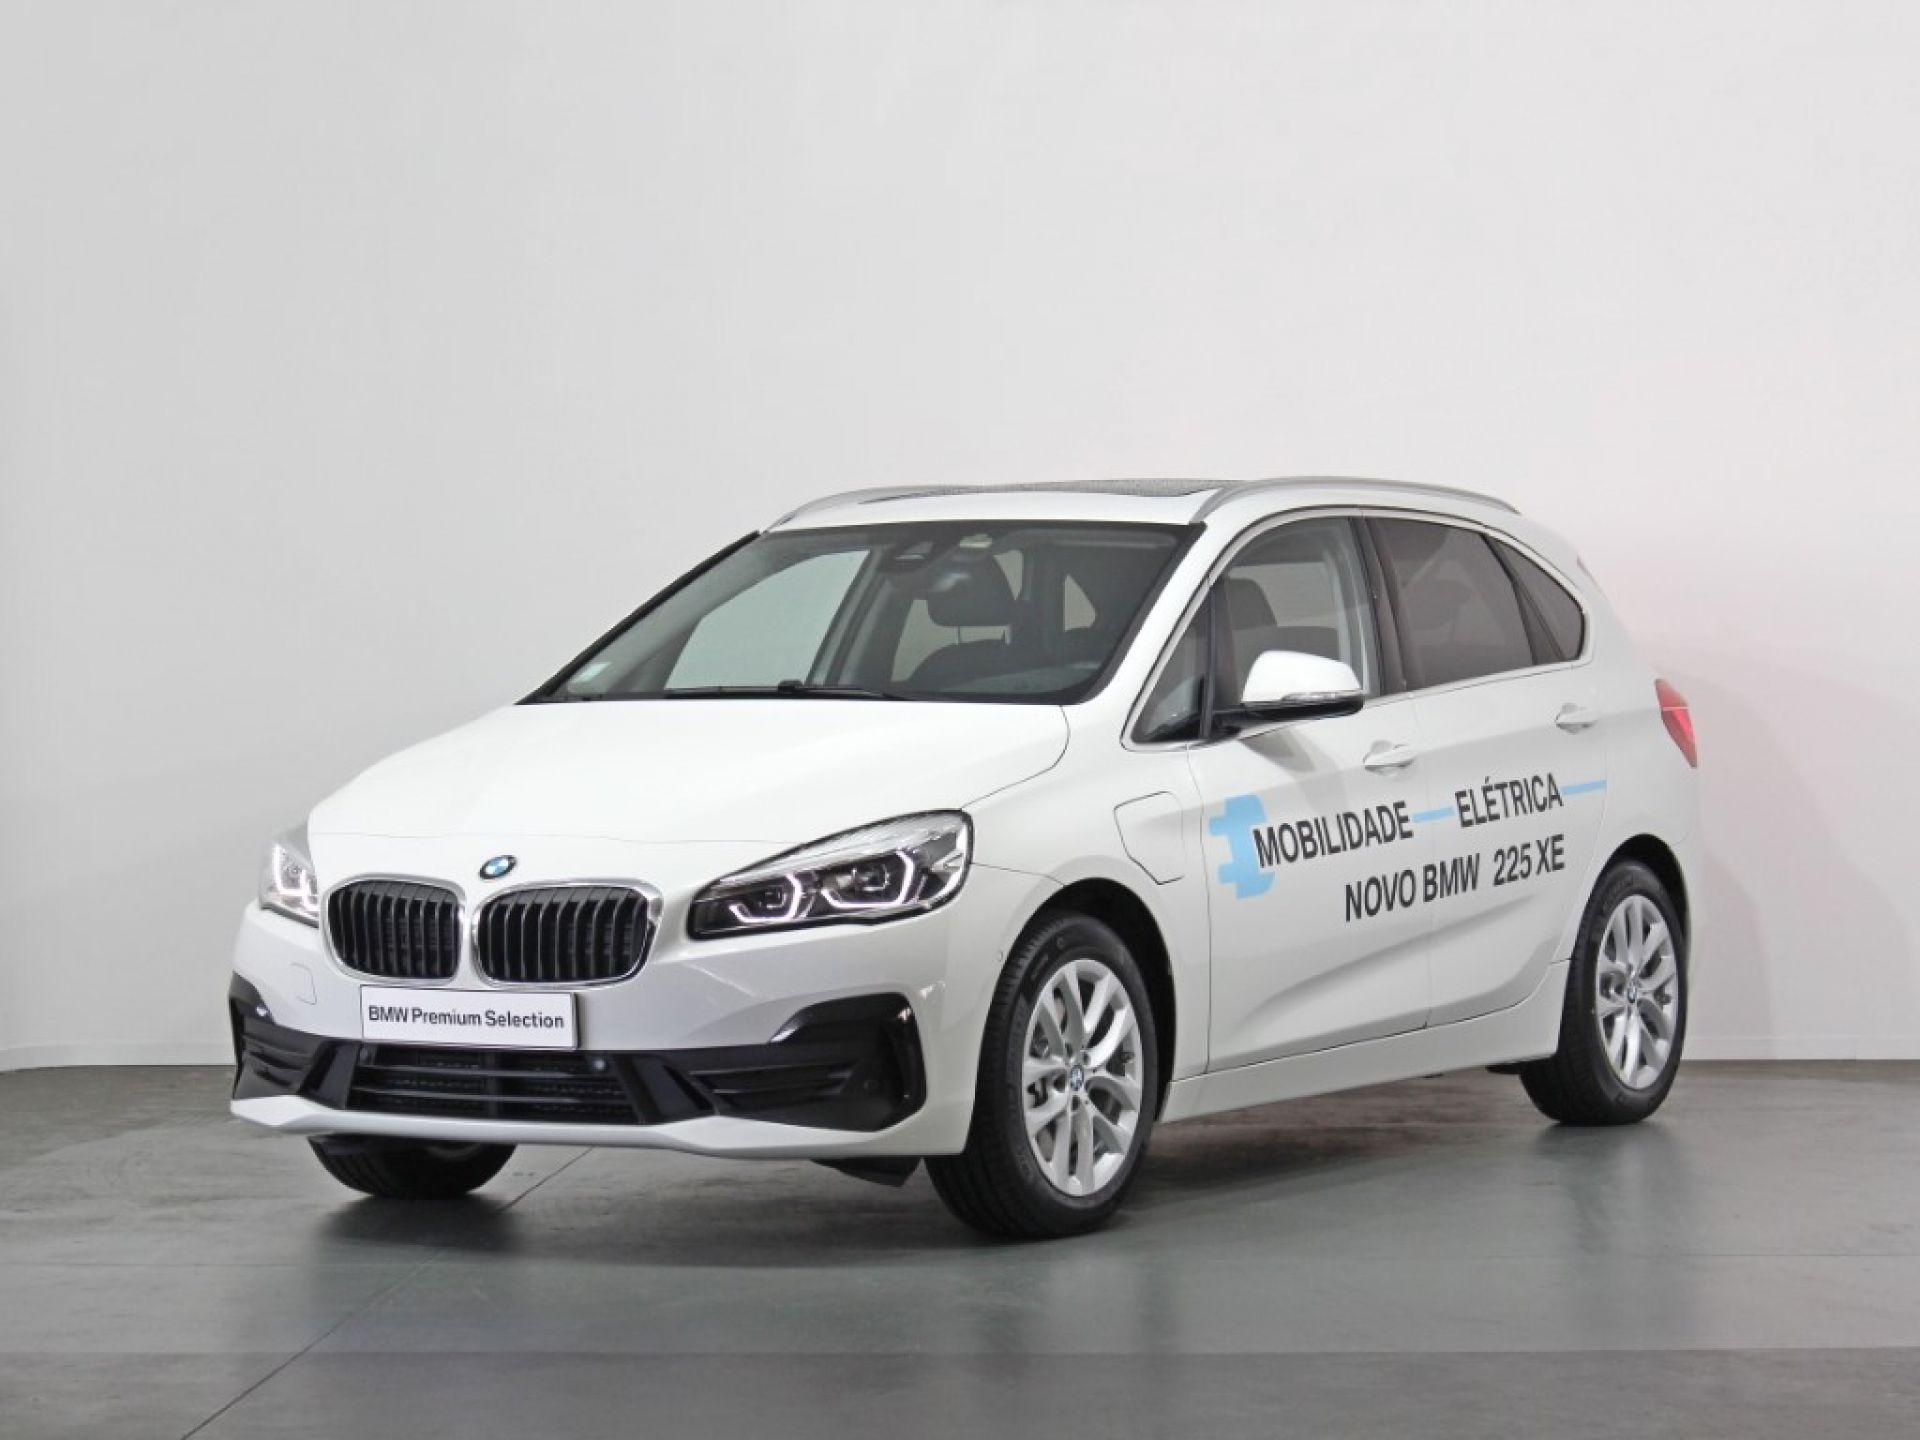 BMW Serie 2 Active Tourer 225xe iPerformance Auto Advantage segunda mão Porto